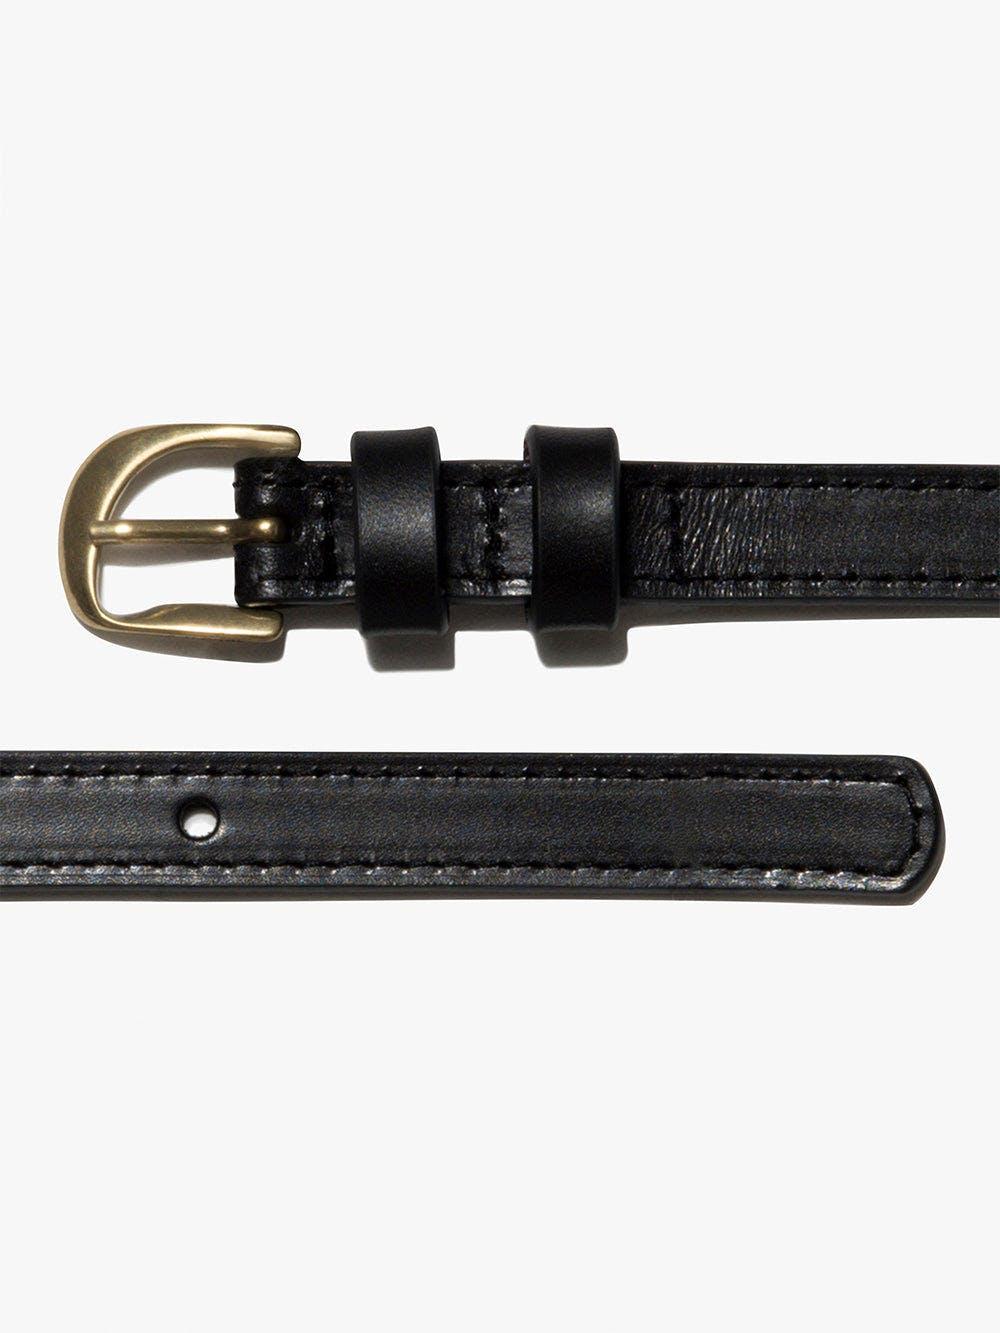 belt detail view alt:hover